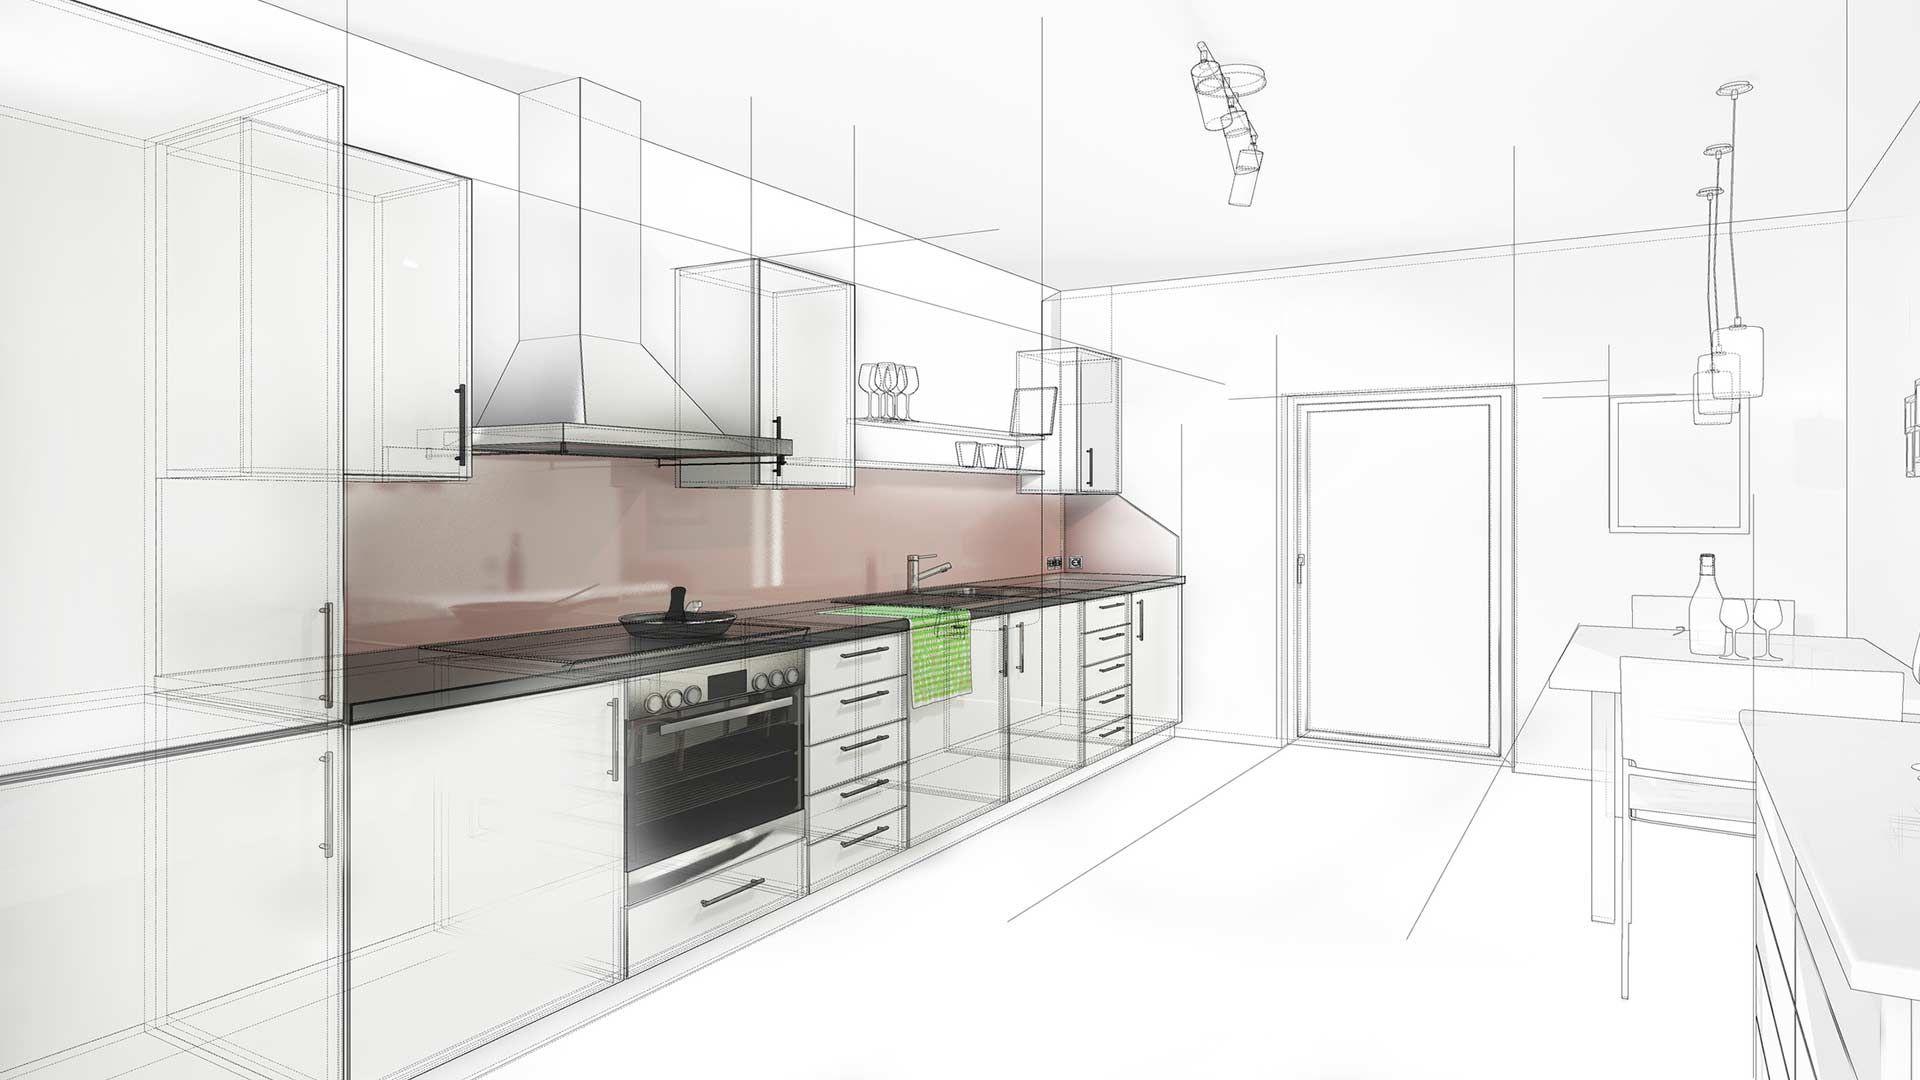 küchenplannung meisten bild der efecaacaff jpg